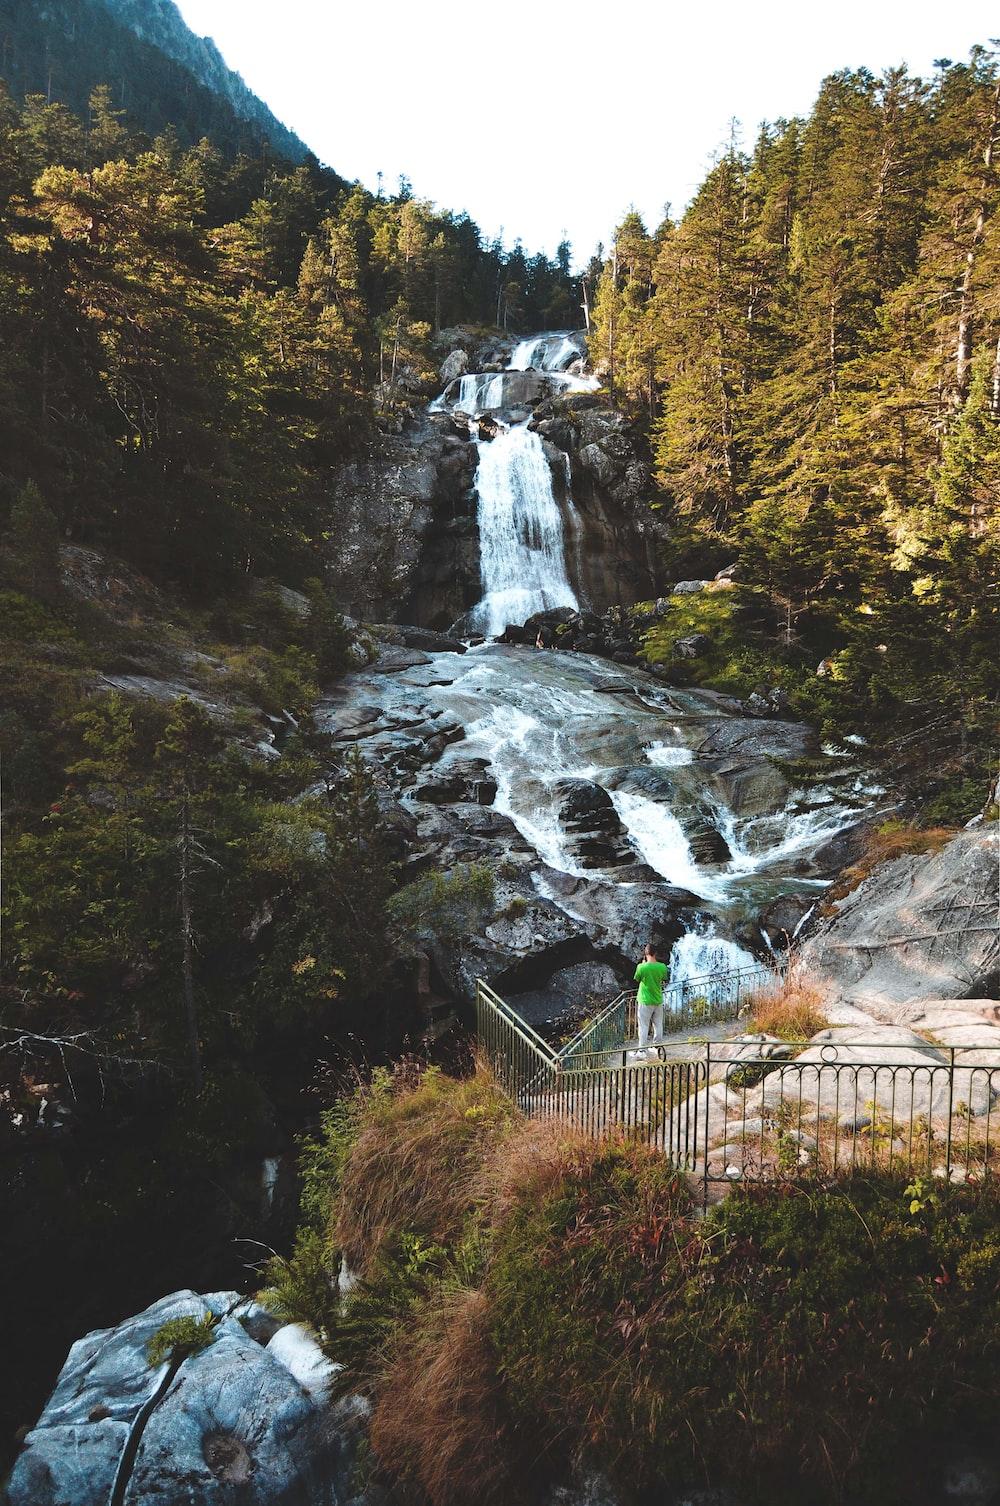 green metal fence near waterfalls during daytime